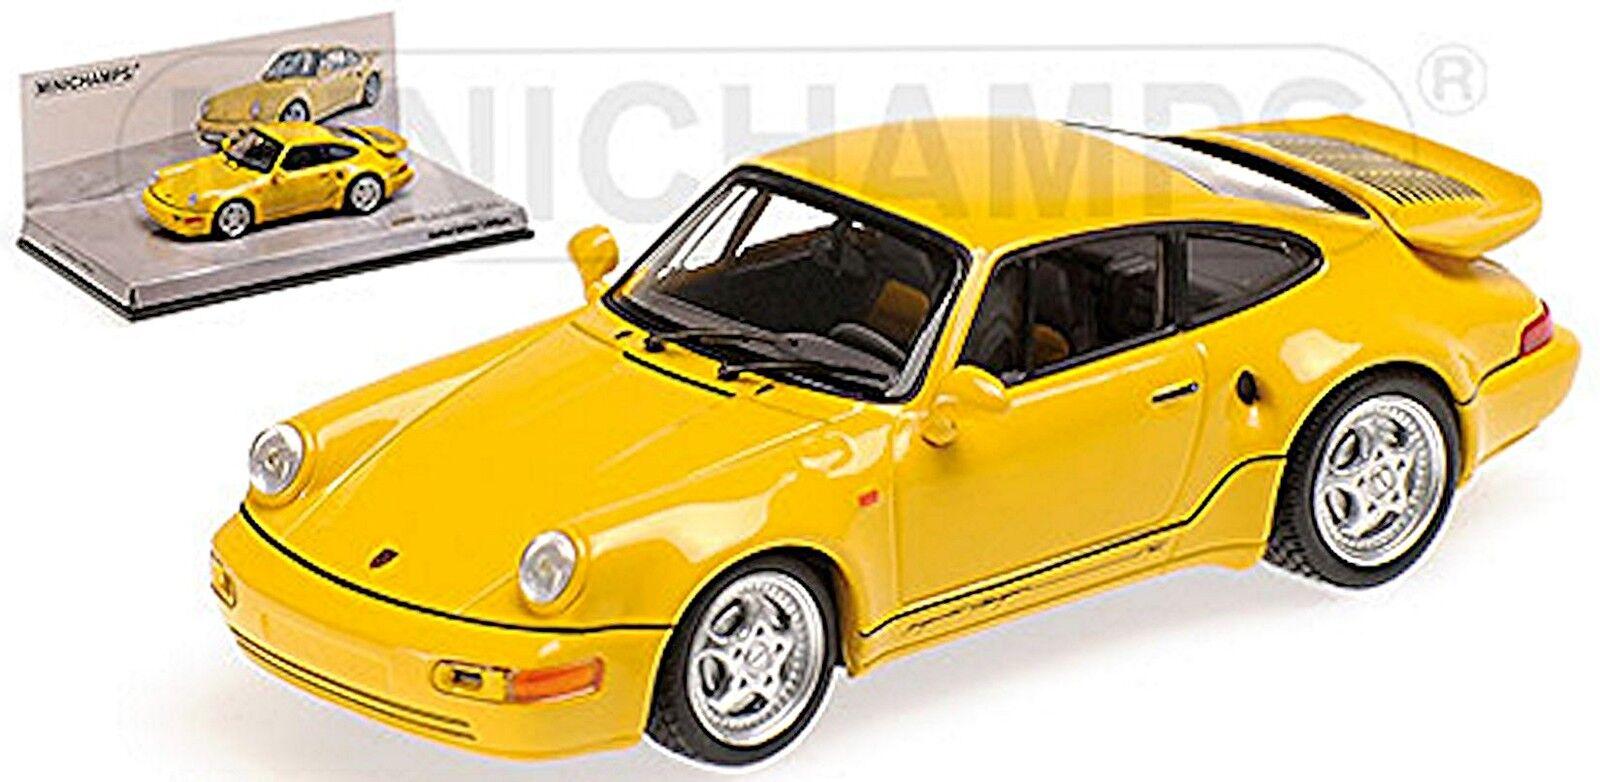 Porsche 911 turbo s 3,3 964 Lightweight 1992 speedjaune jaune 1 43 MINICHAMPS